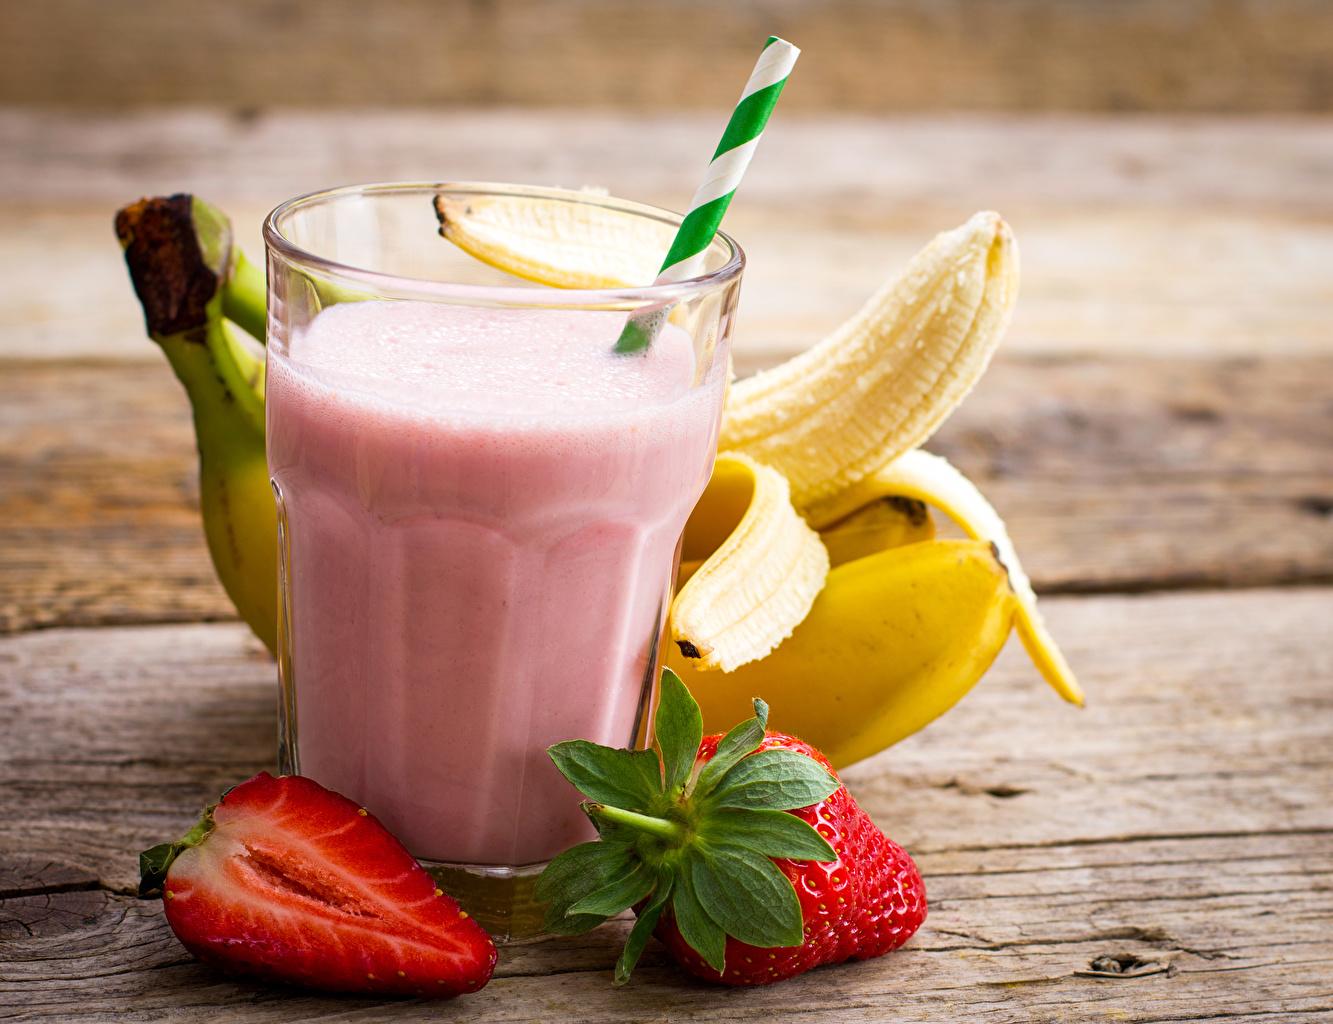 Фотография Бананы стакана Клубника Еда Коктейль Доски Стакан стакане Пища Продукты питания